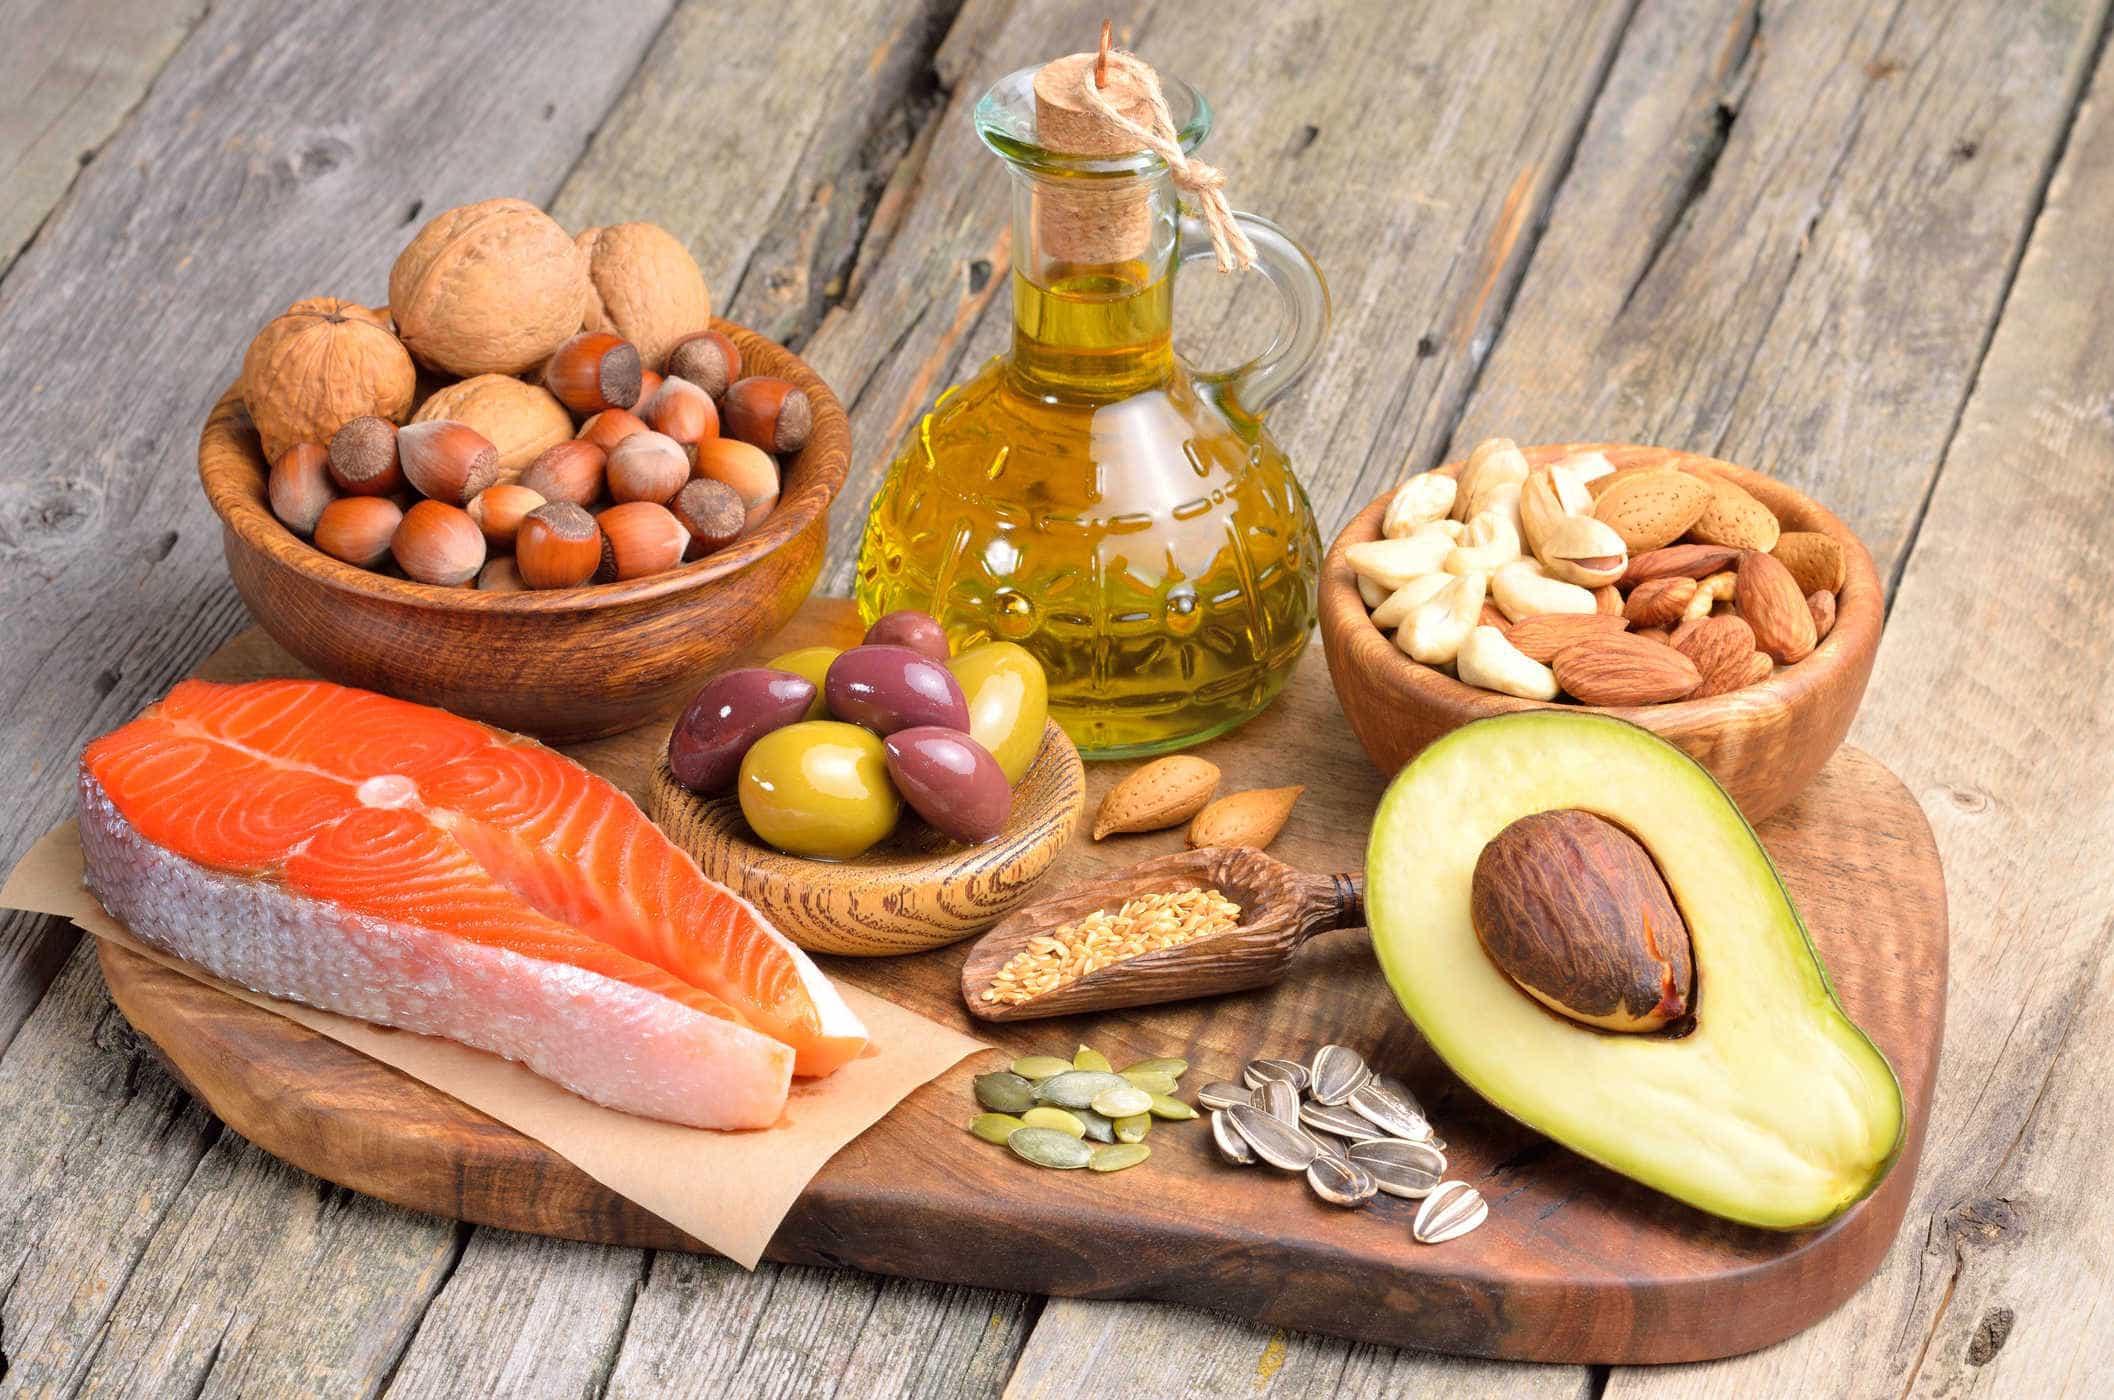 Bổ sung chất béo lành mạnh giúp bạn dễ dang mang thai